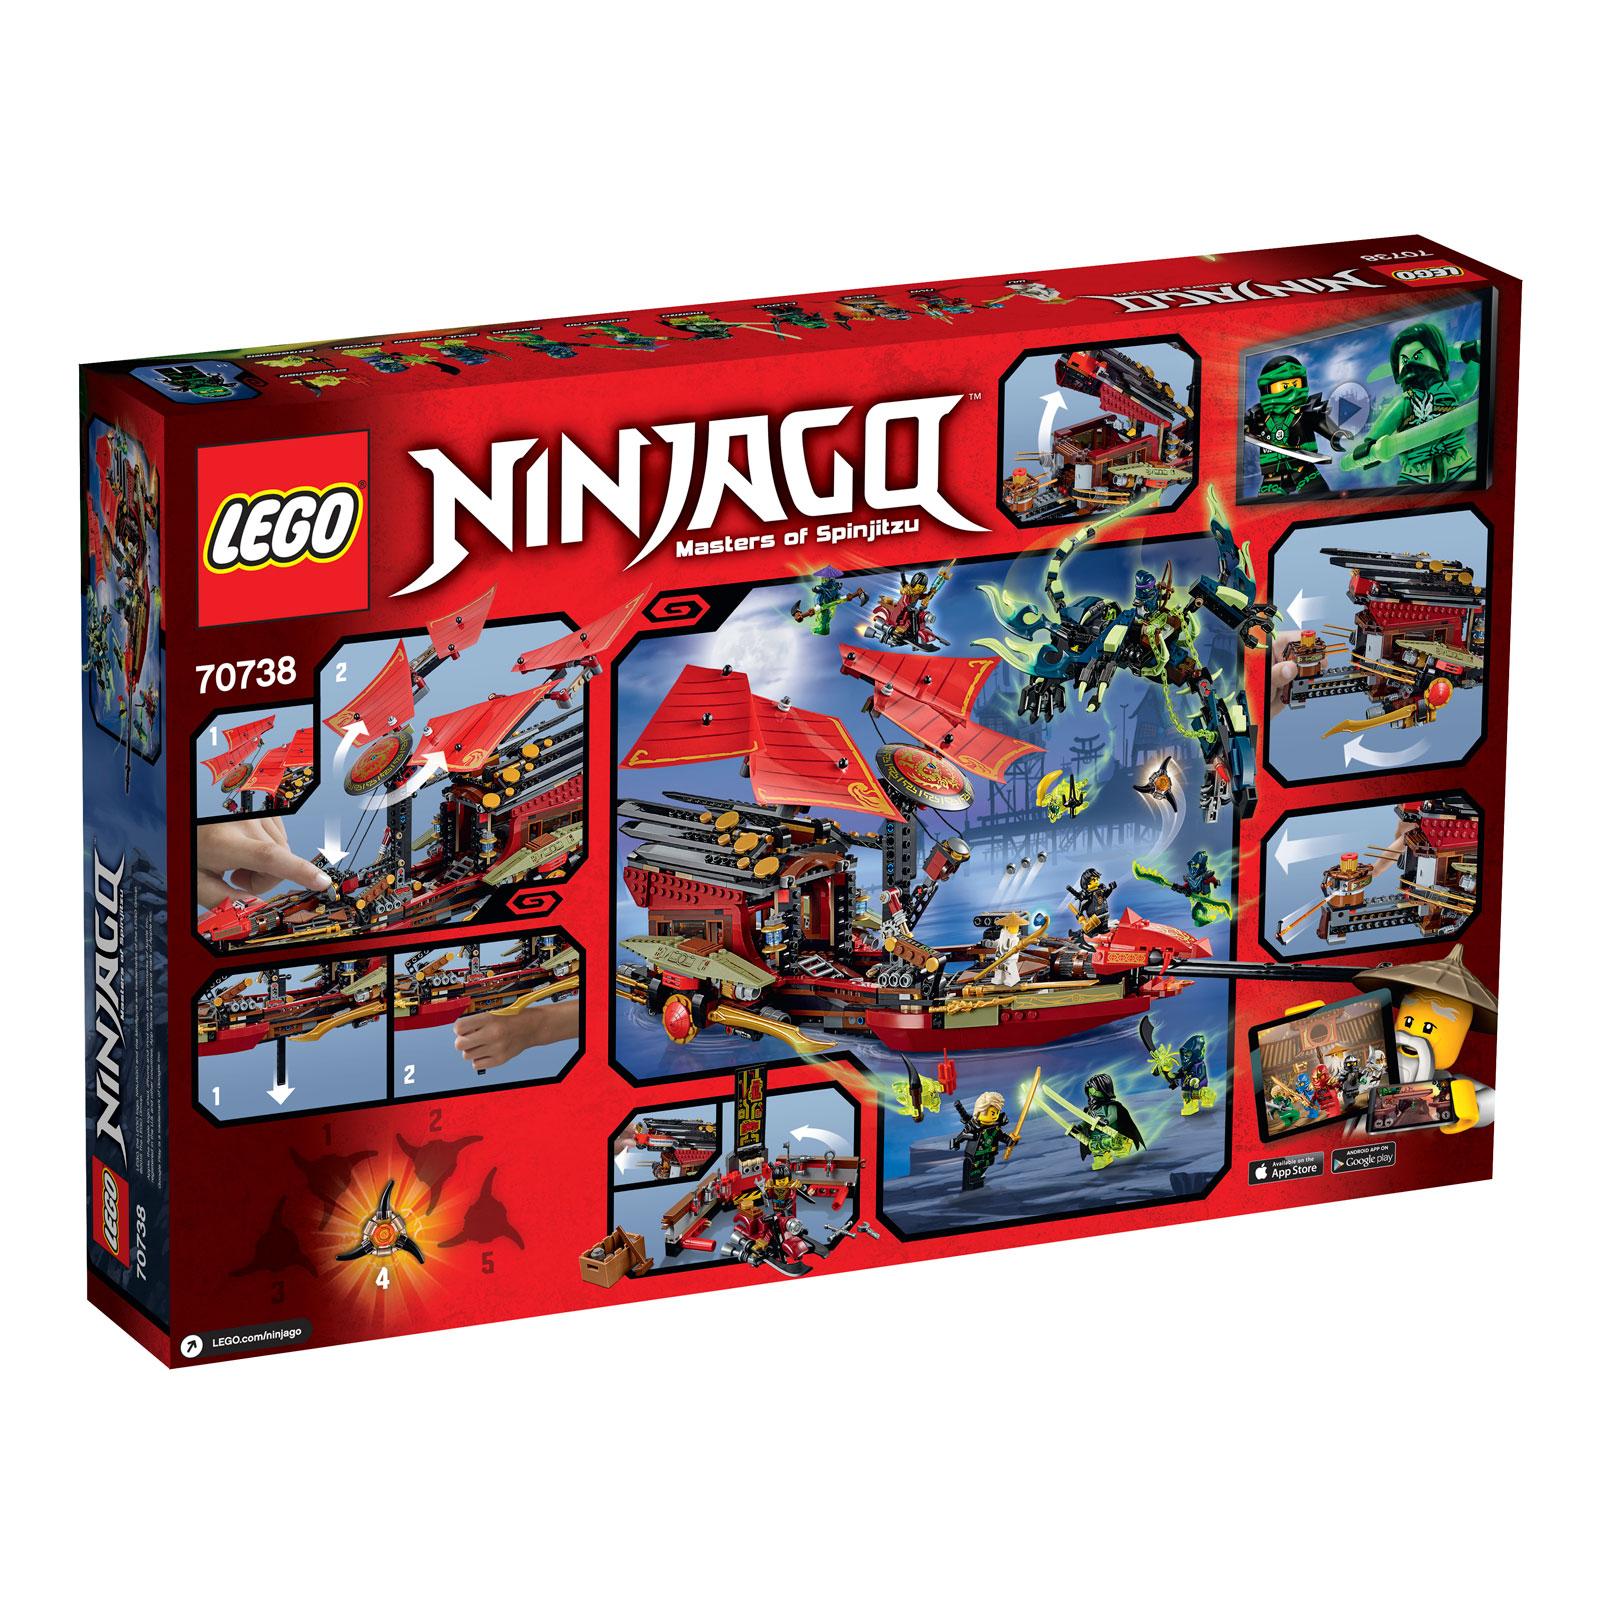 ����������� LEGO Ninjago 70738 ������� ��� ������- �������� �����